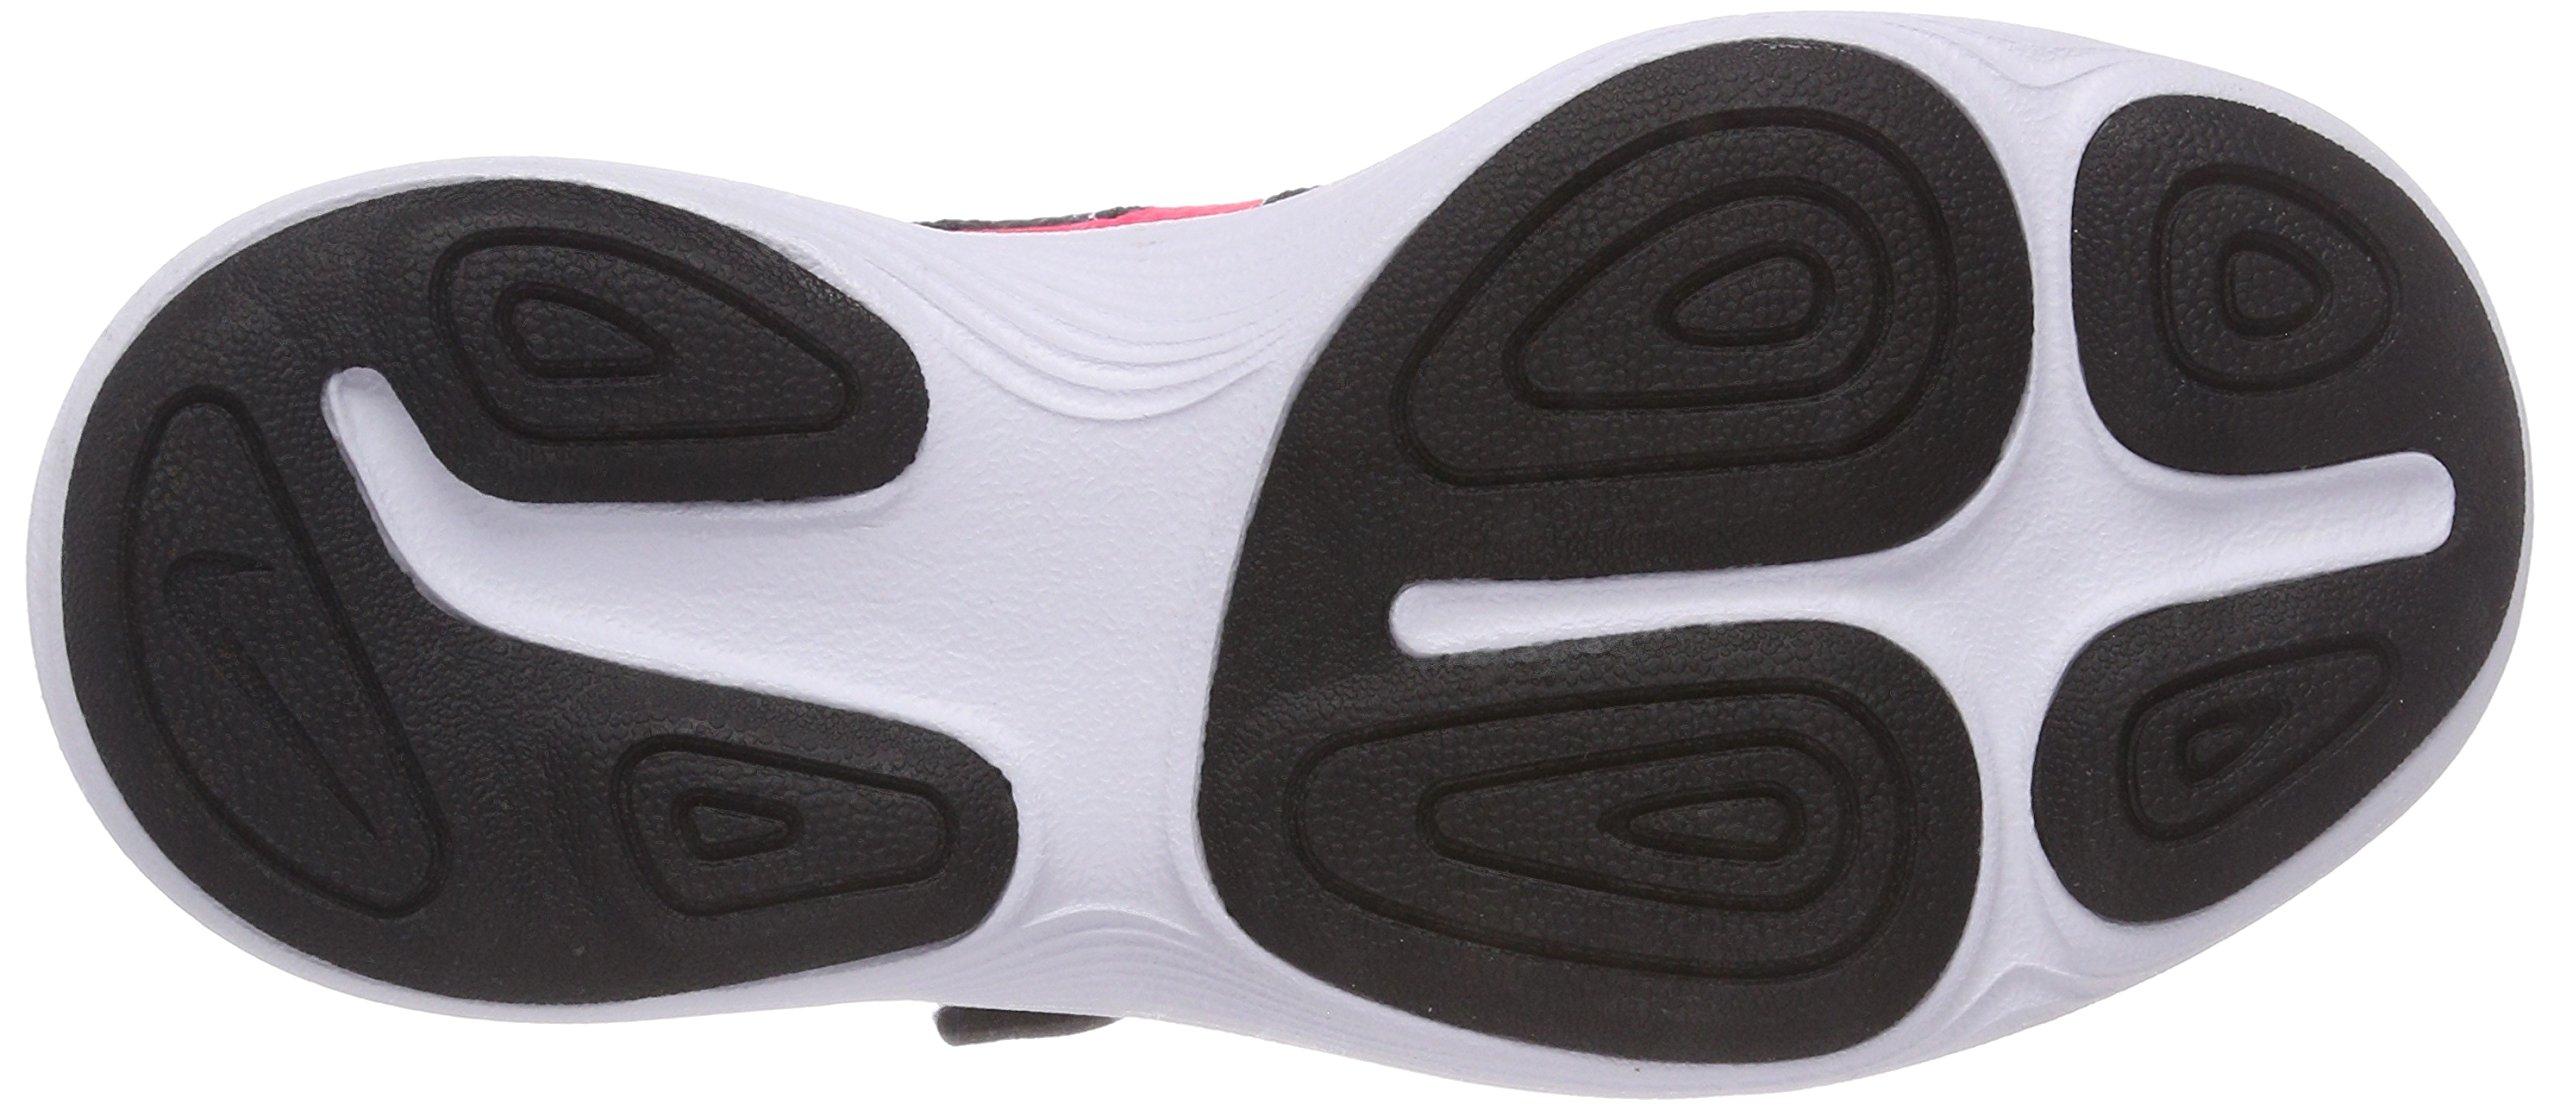 Nike Girls' Revolution 4 (PSV) Running Shoe, Black/Racer Pink - White, 11.5C Regular US Little Kid by Nike (Image #3)